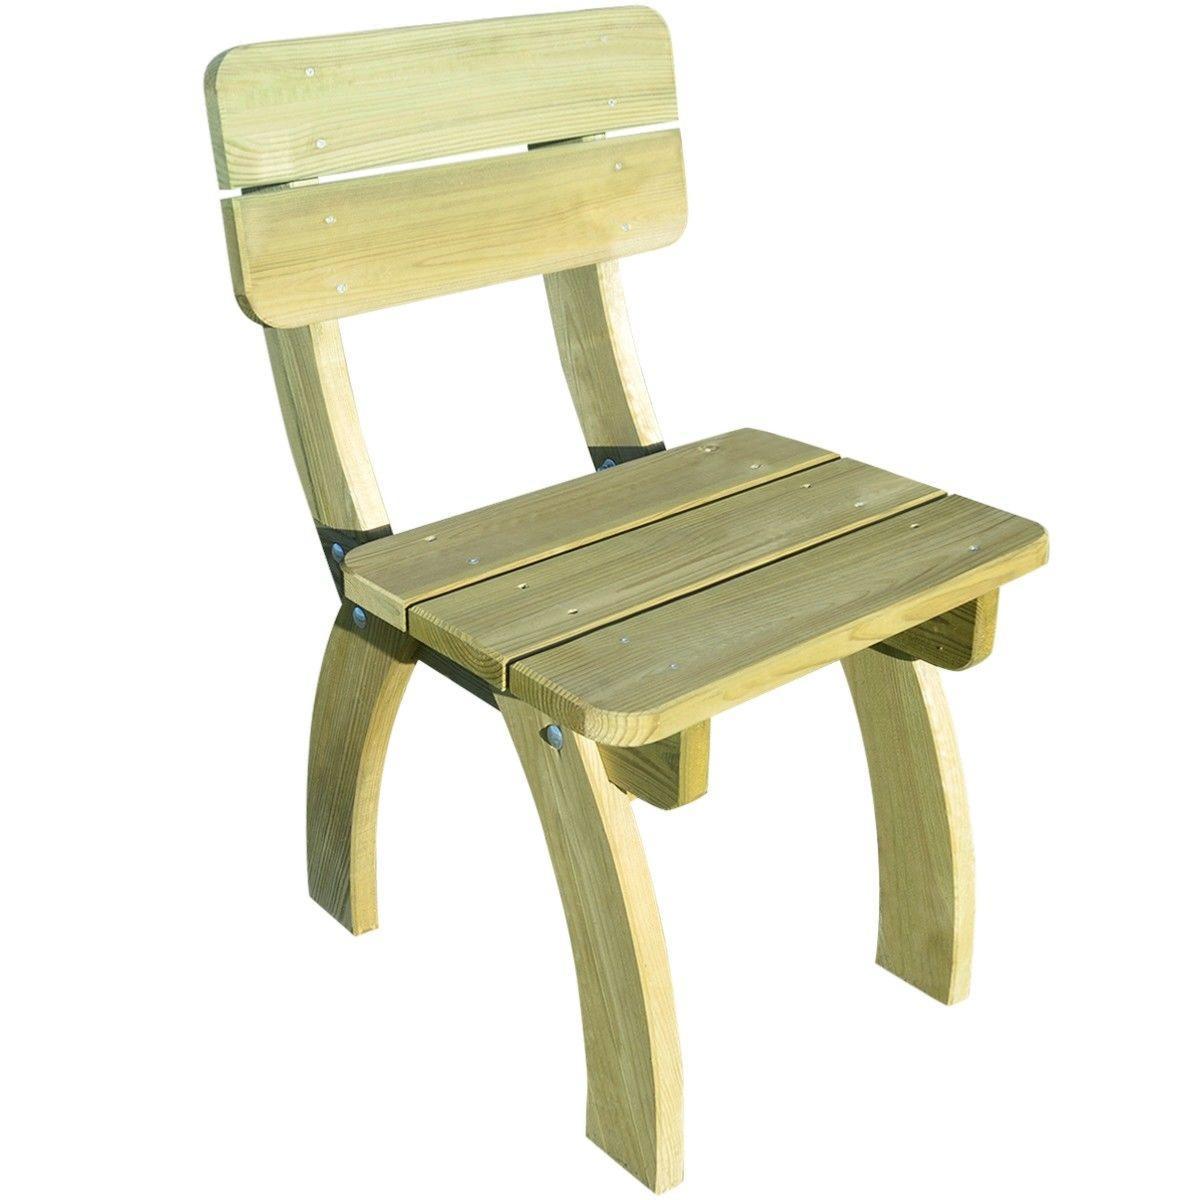 TABLE Avec Banc Et Chaises Type Pique Nique Bois Massif